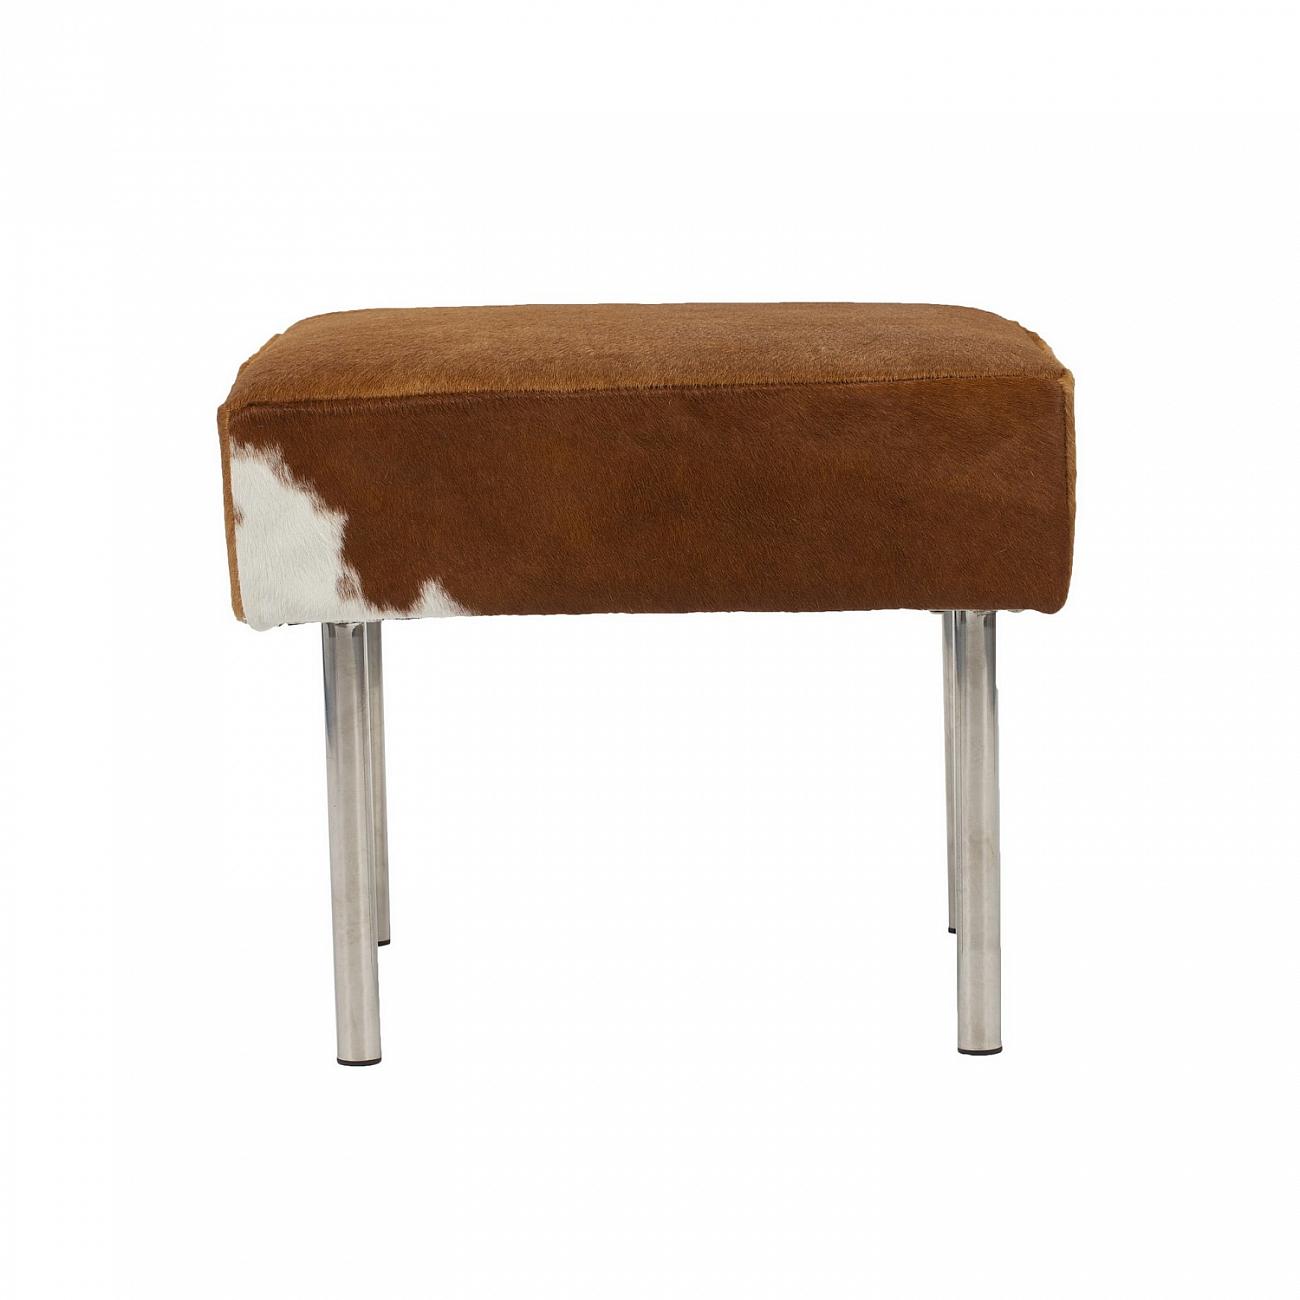 Купить Табурет Decoboco Pony Brown-White в интернет магазине дизайнерской мебели и аксессуаров для дома и дачи